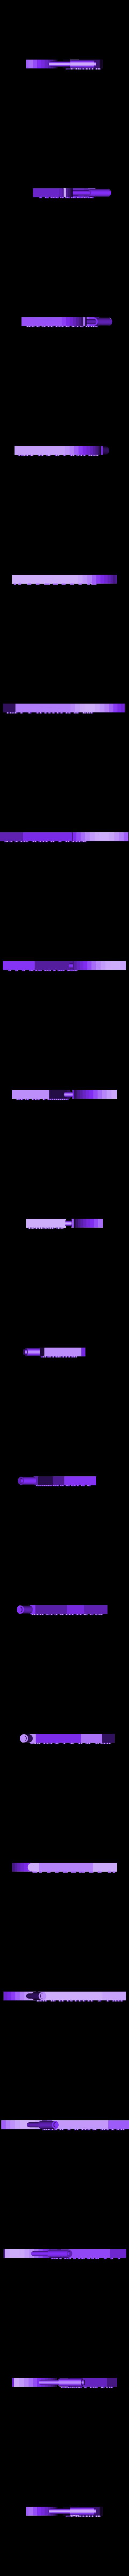 04.stl Download STL file MONAKO RC MODEL BOAT TUG • 3D printable template, maca-artwork